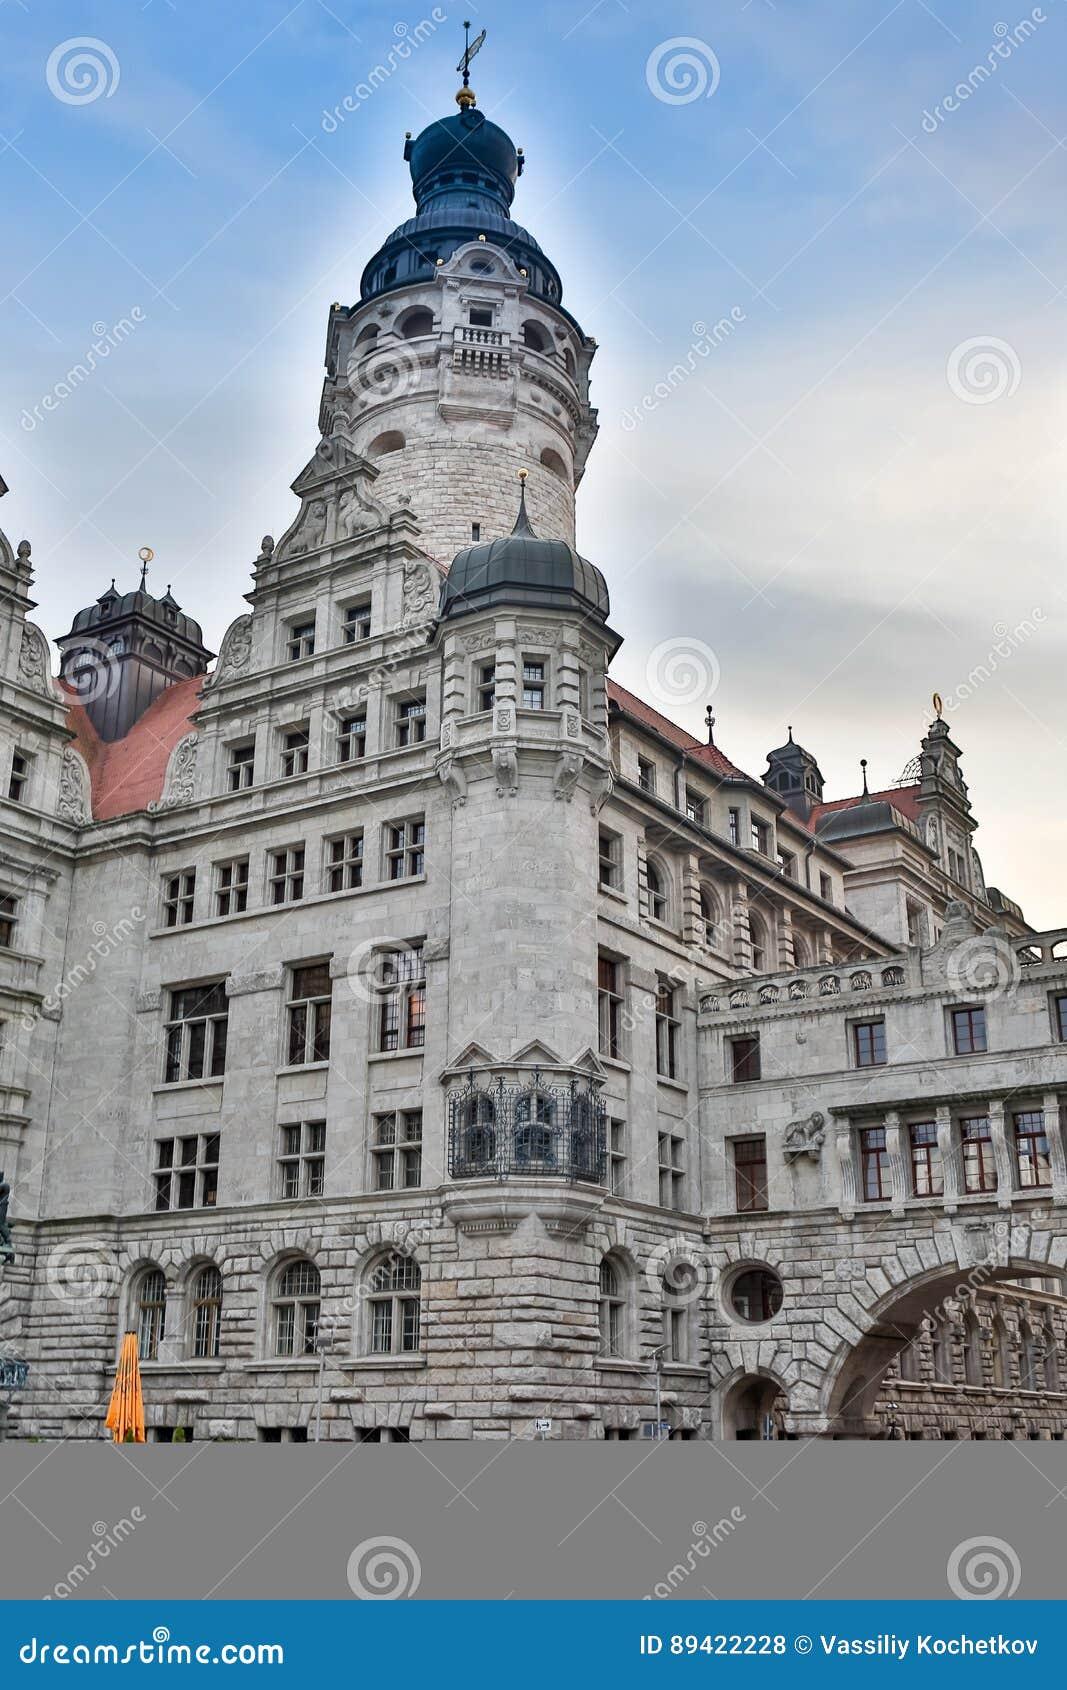 ALEMANHA, DRESDEN - 10 DE OUTUBRO DE 2016: Centro de Histoirical da cidade velha de Dresden Dresden tem uma longa história como